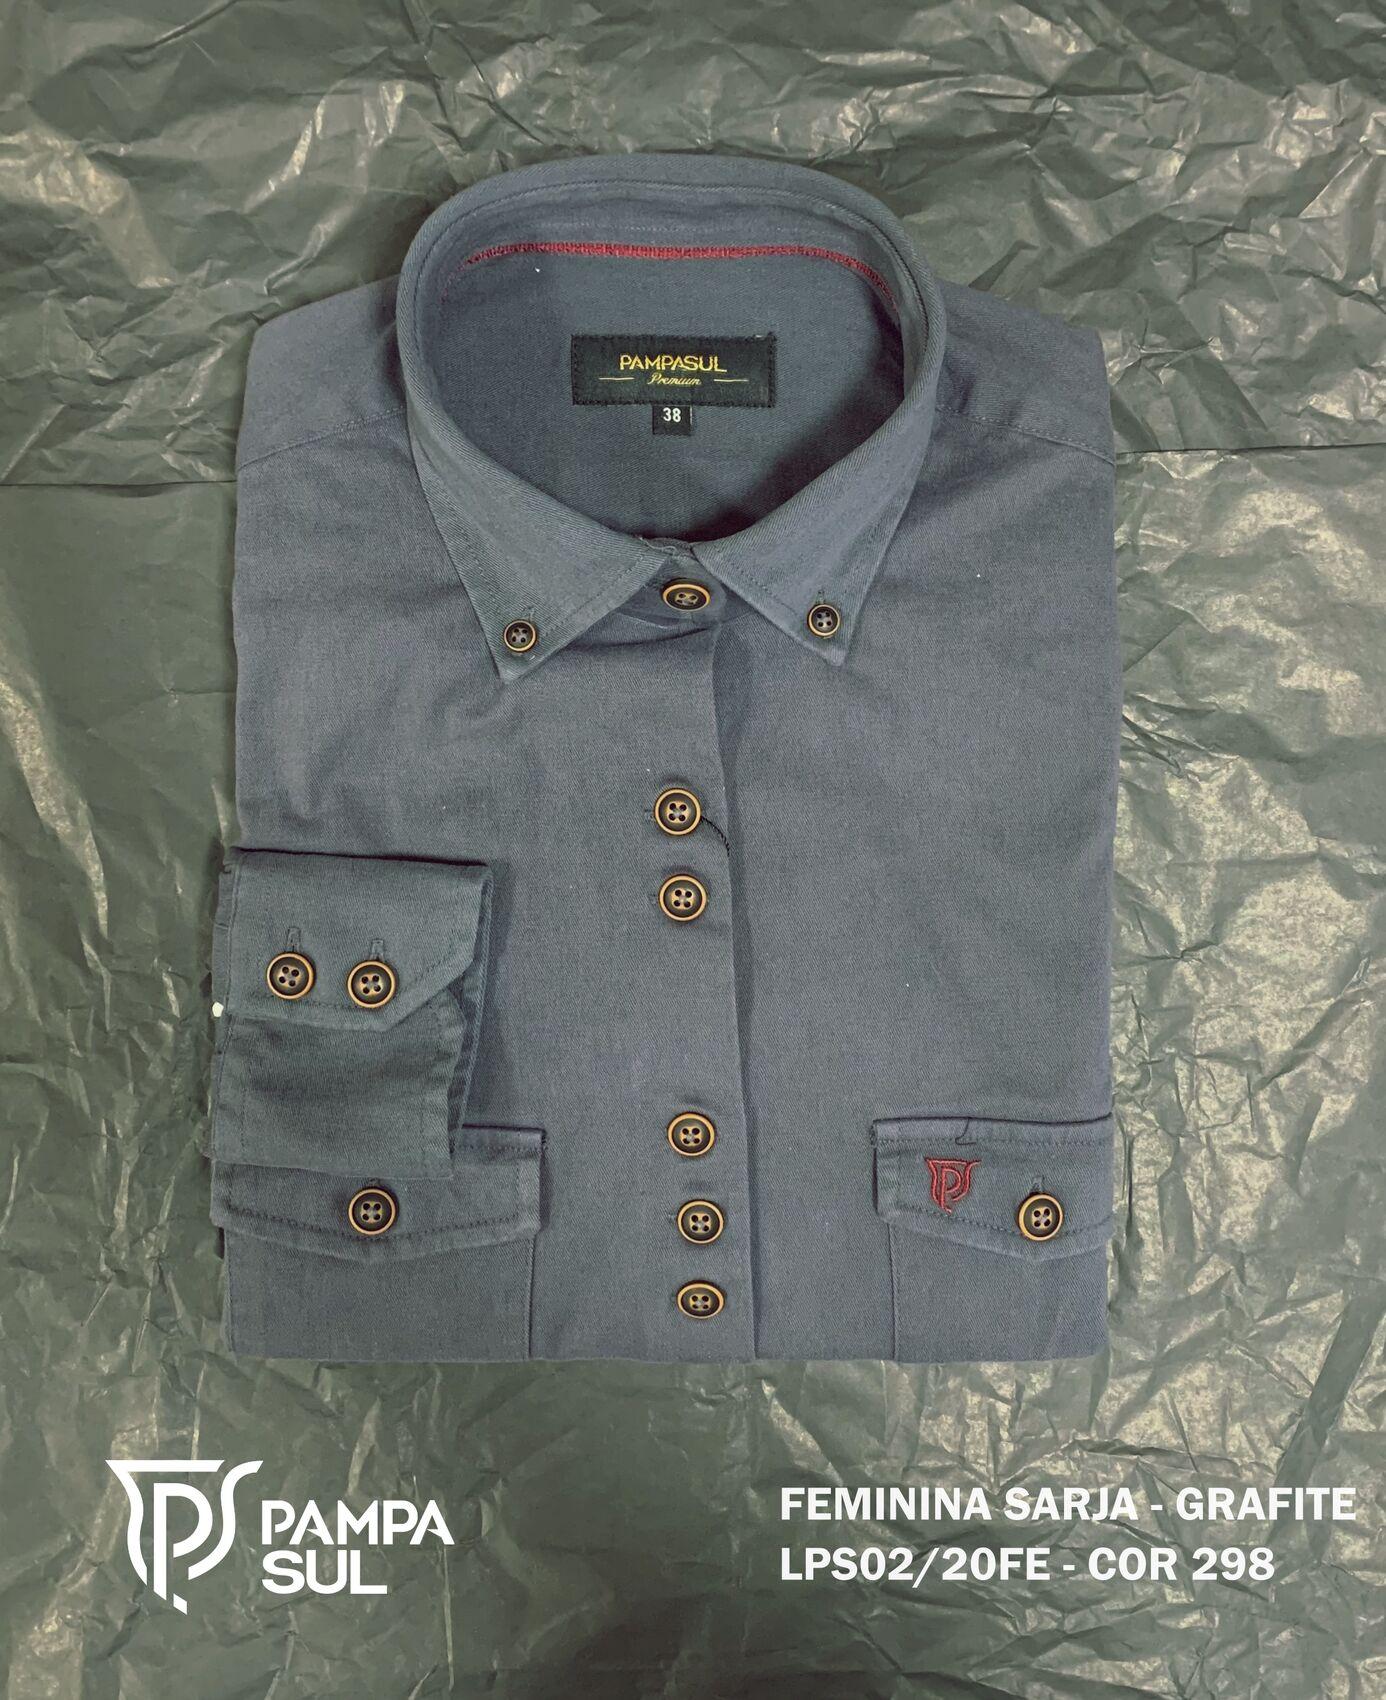 Camisa Pampa Sul Feminina em Sarja